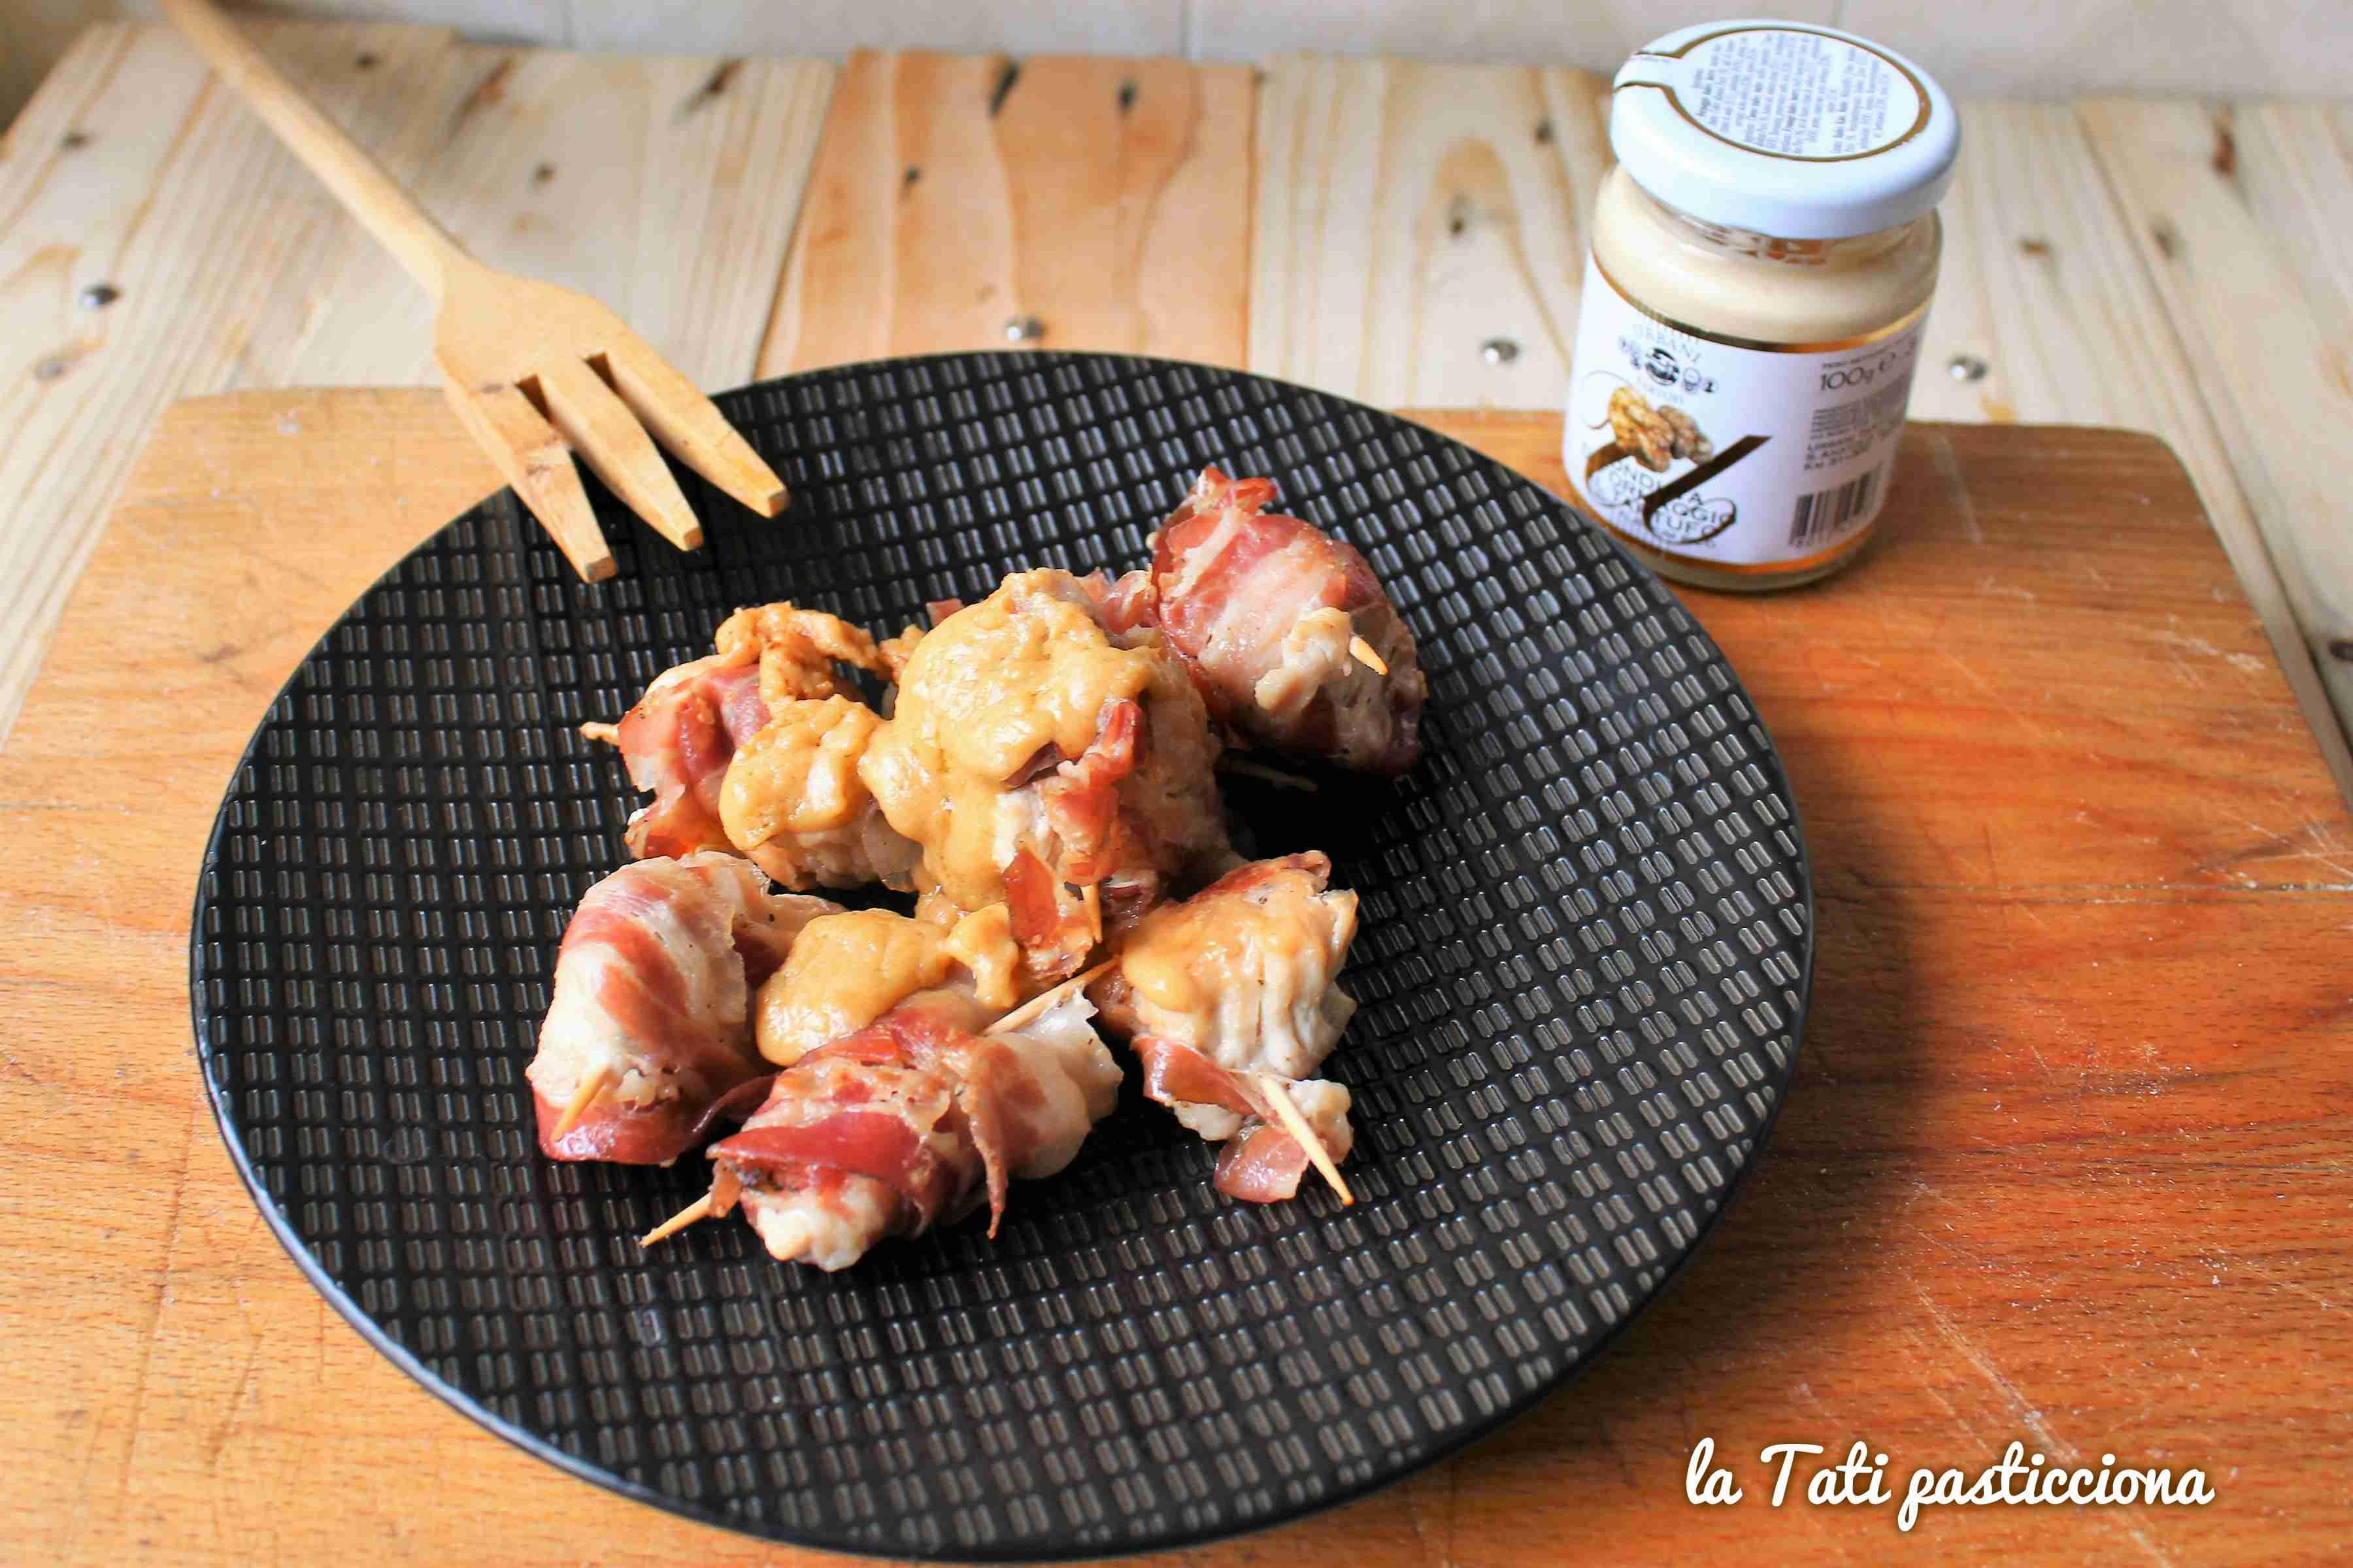 fagottini di pollo e pancetta con fonduta di formaggio al tartufo